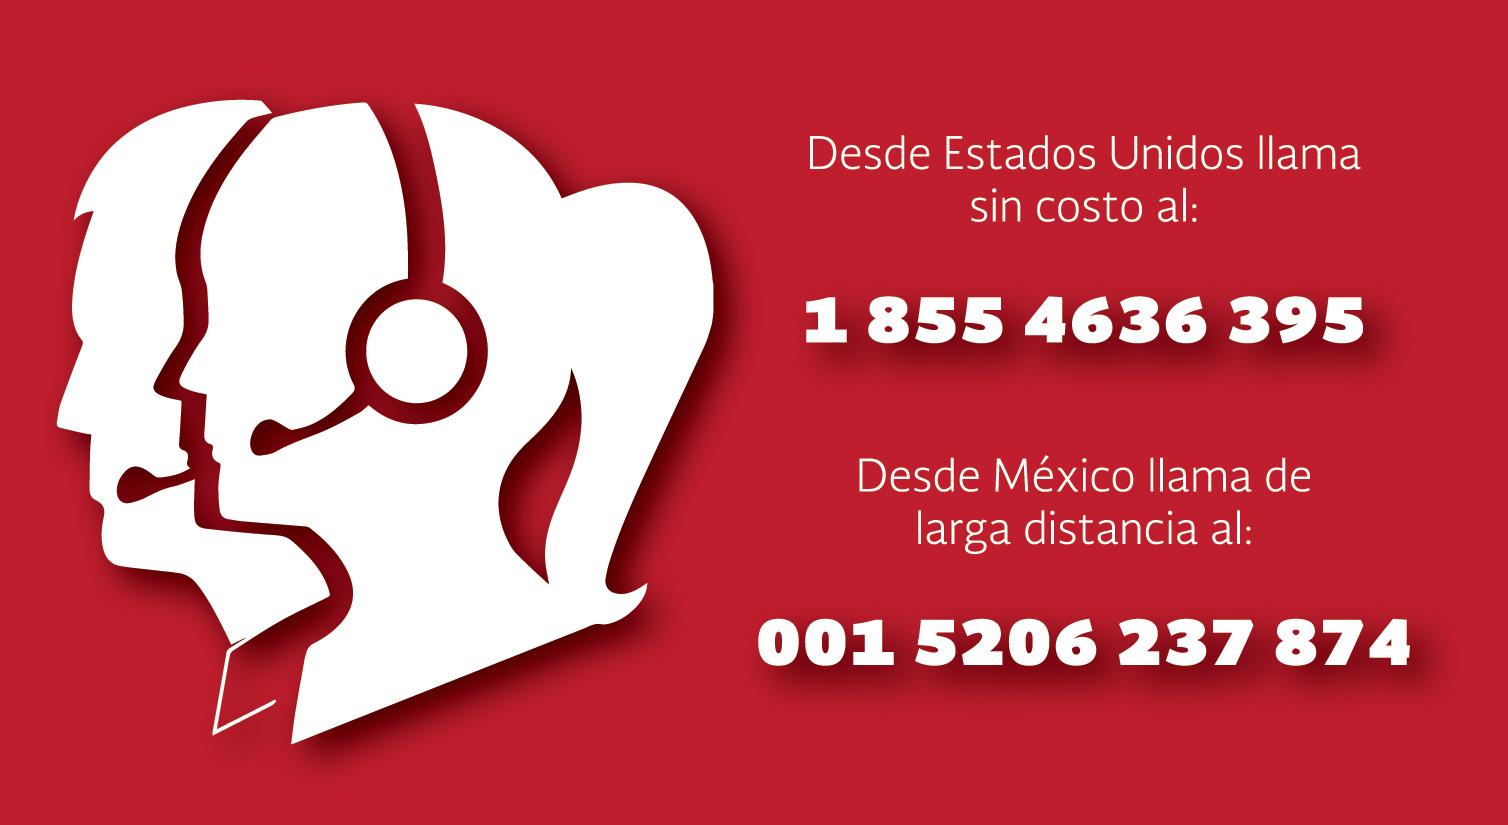 Centro de Información y Asistencia a Mexicanos CIAM